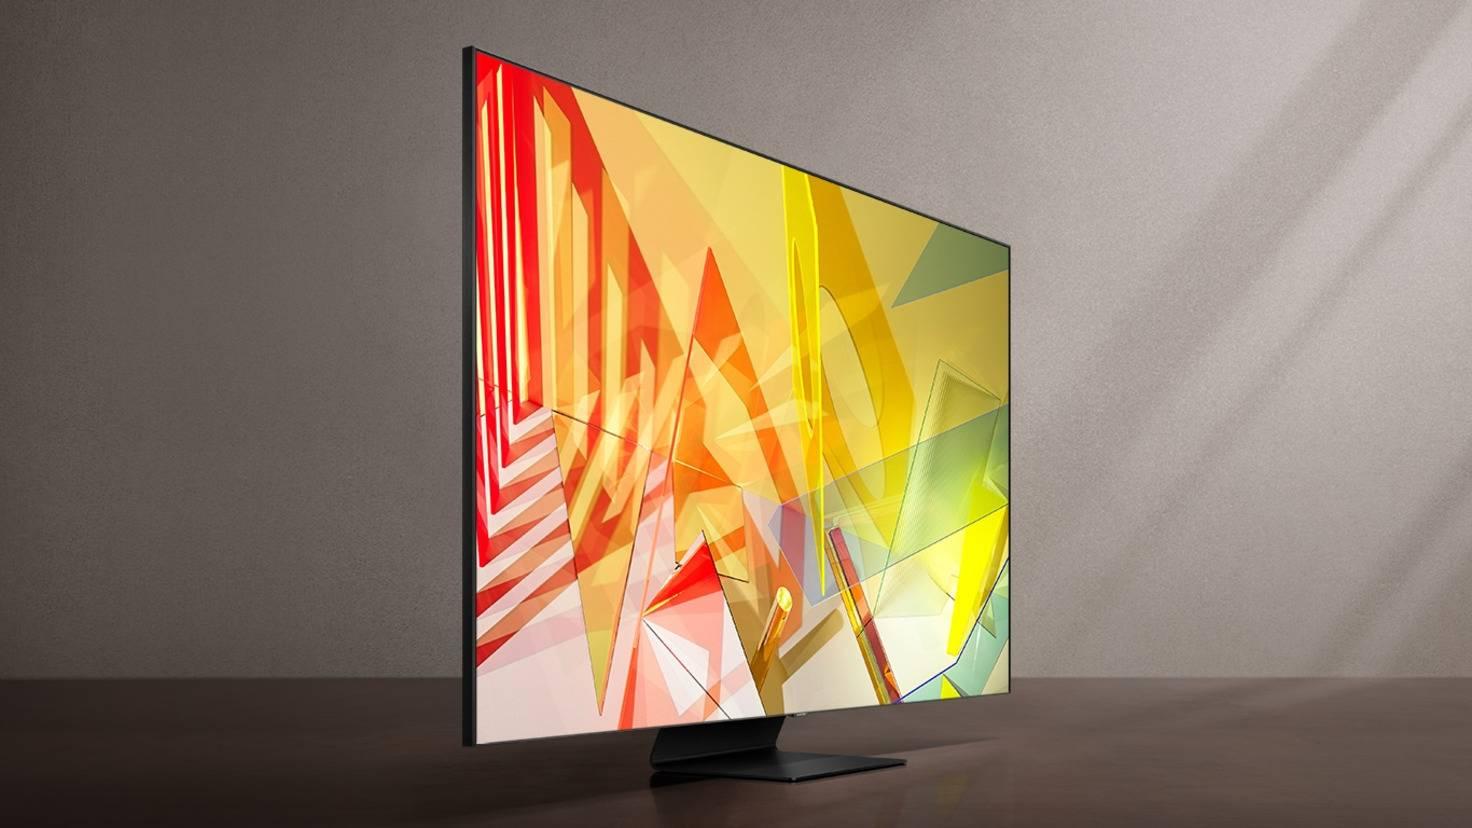 samsung-q90t-tv-fernseher